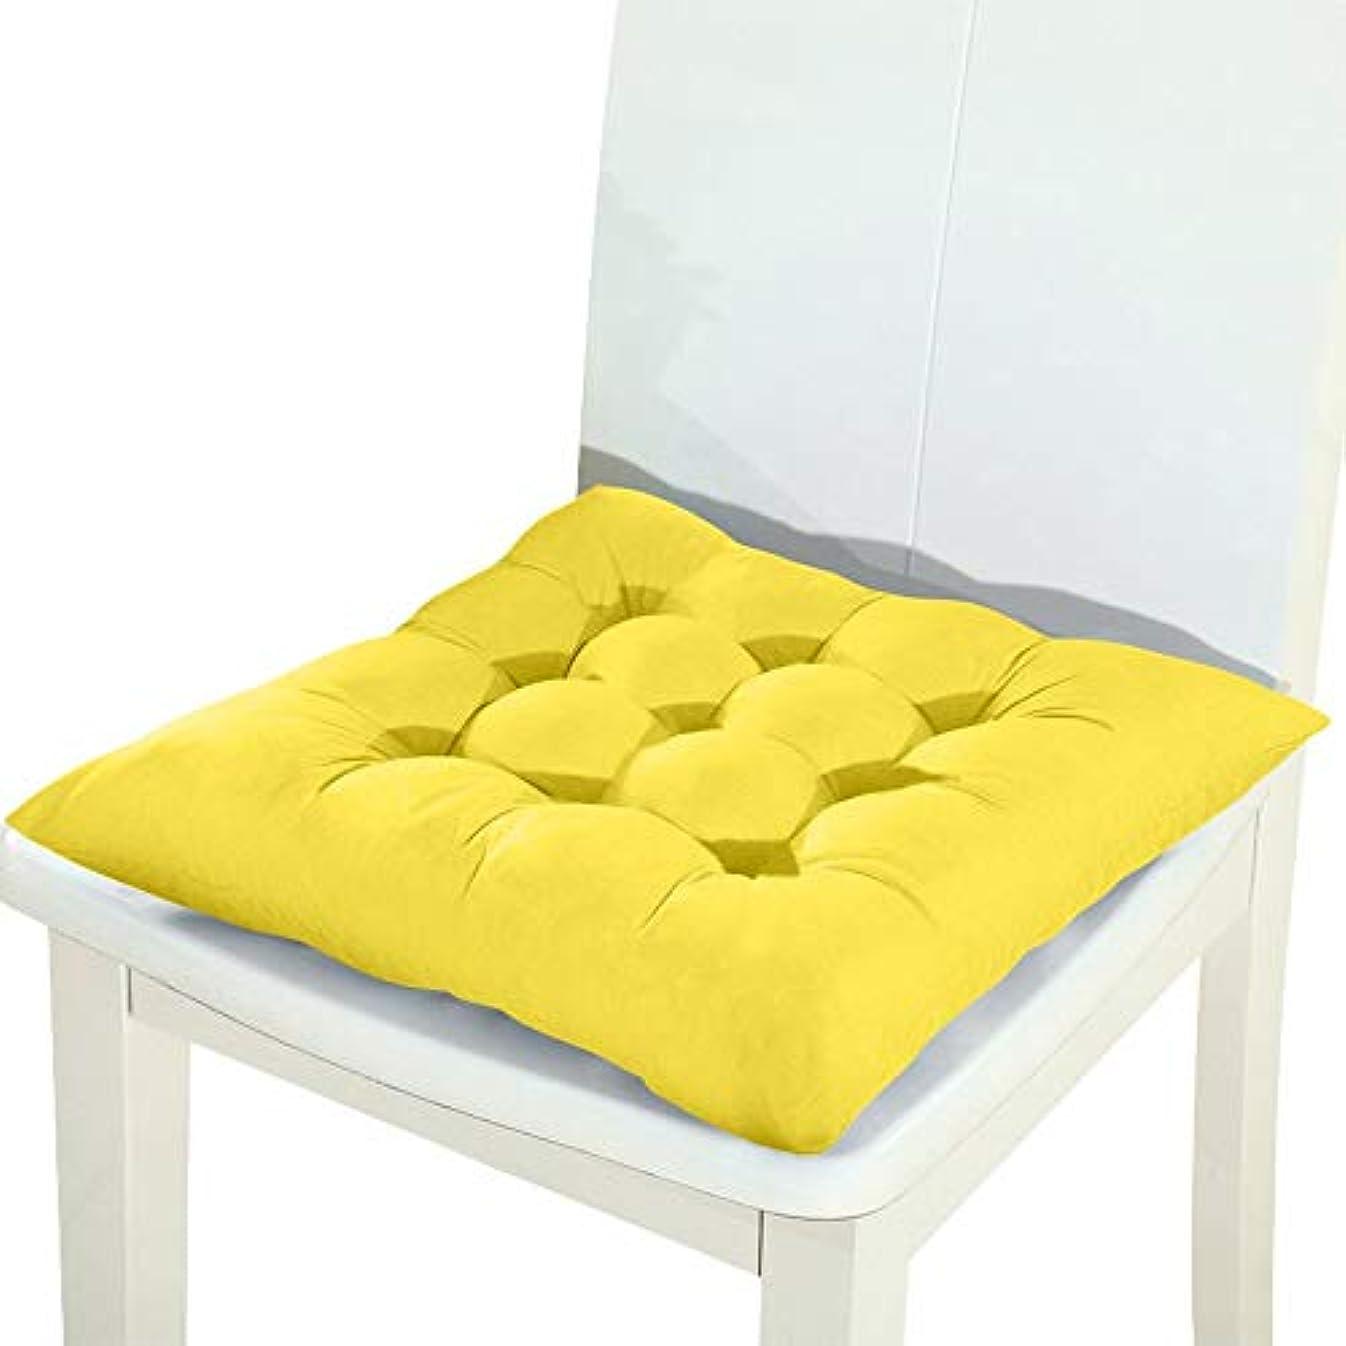 ペンくさびインタフェースLIFE 1/2/4 個冬オフィスバー椅子バックシートクッションシートクッションパッドソファ枕臀部椅子クッション 37 × 37 センチメートル クッション 椅子